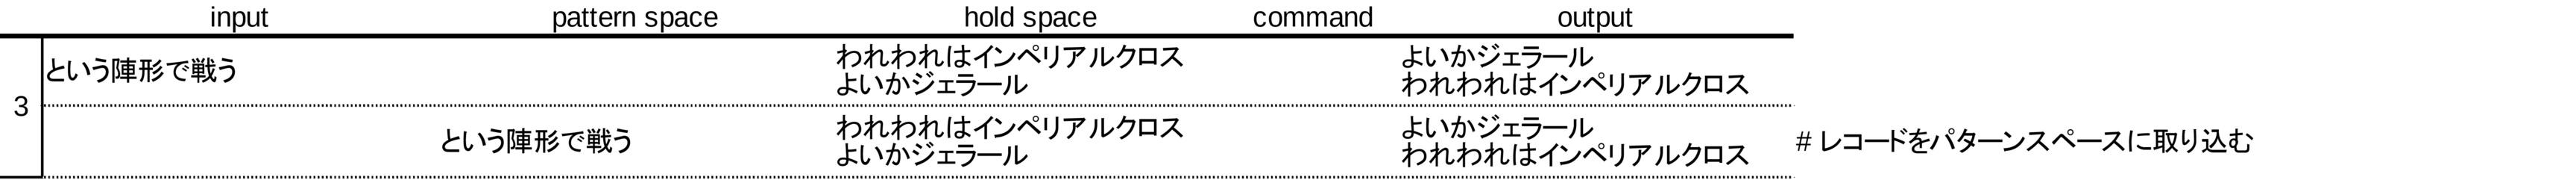 fig3-3-1.jpg